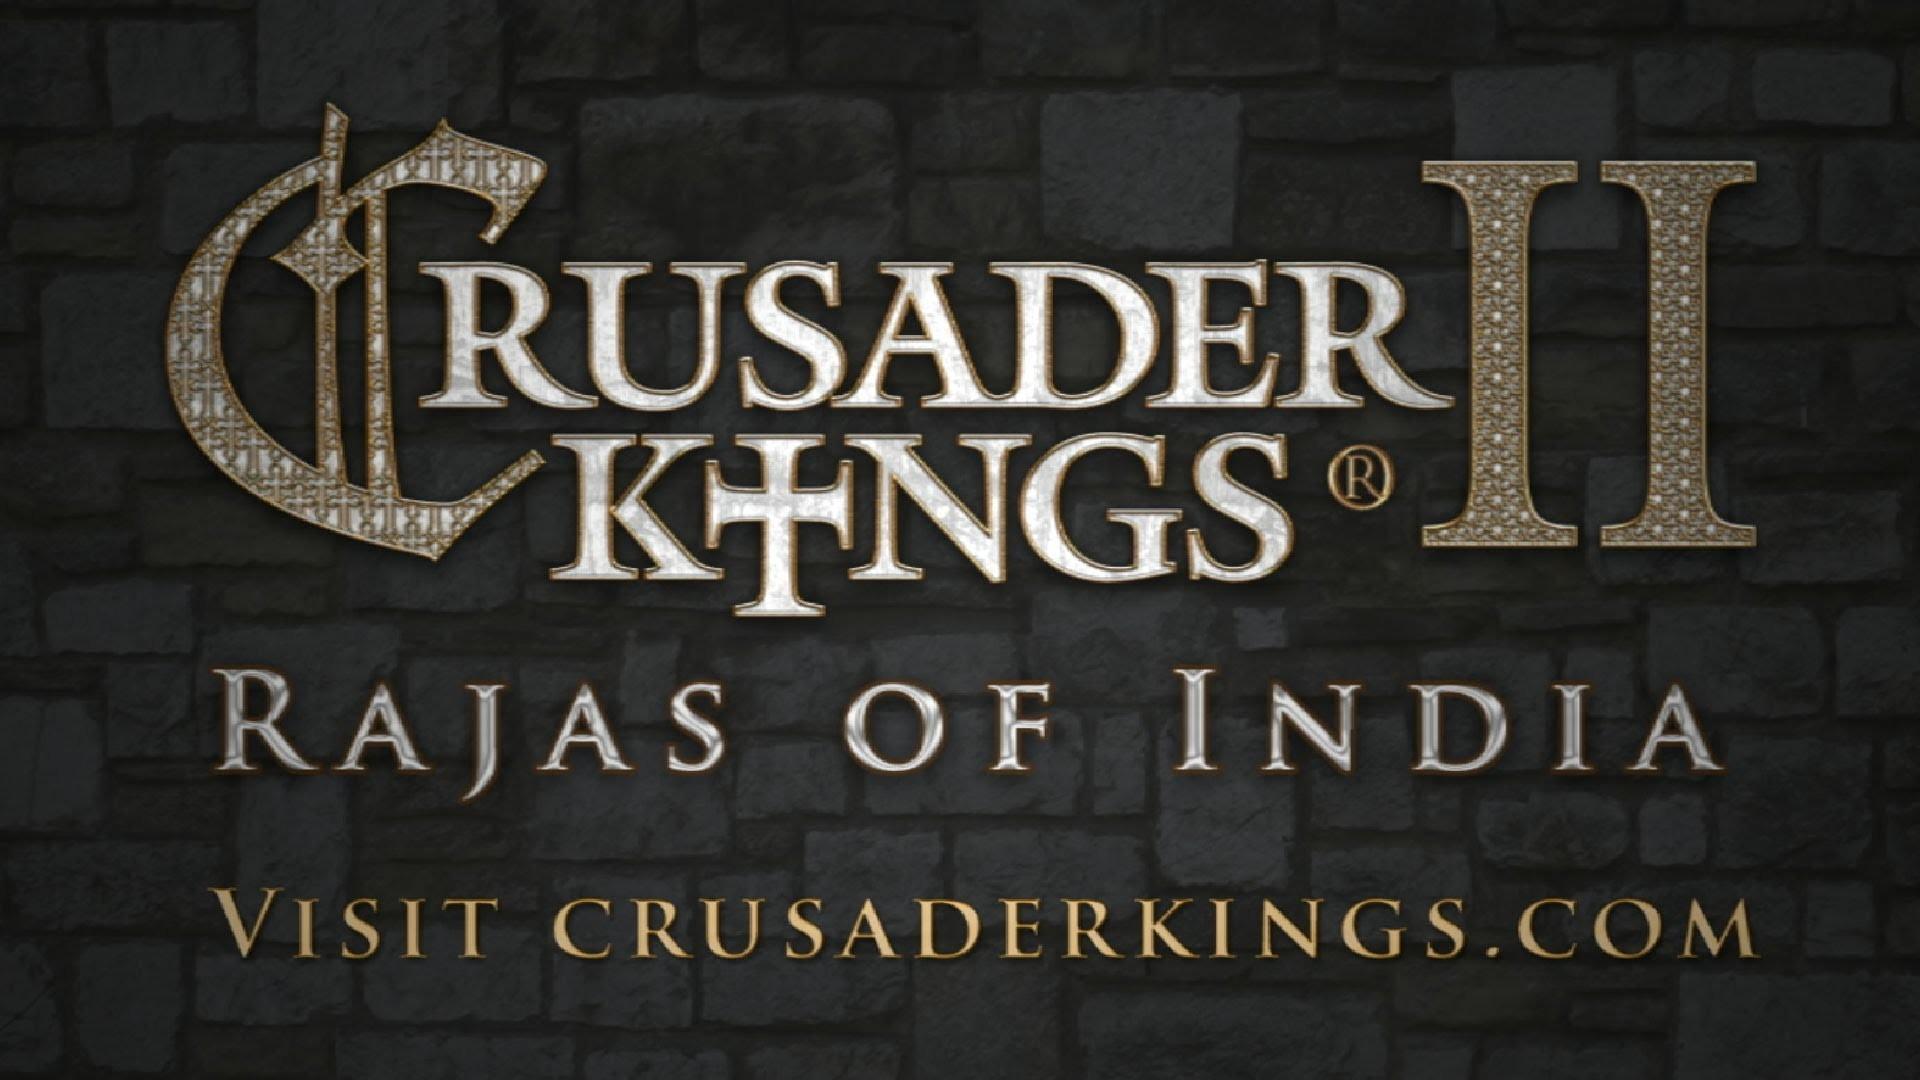 Crusader Kings II: Rajas of India – Reveal Teaser